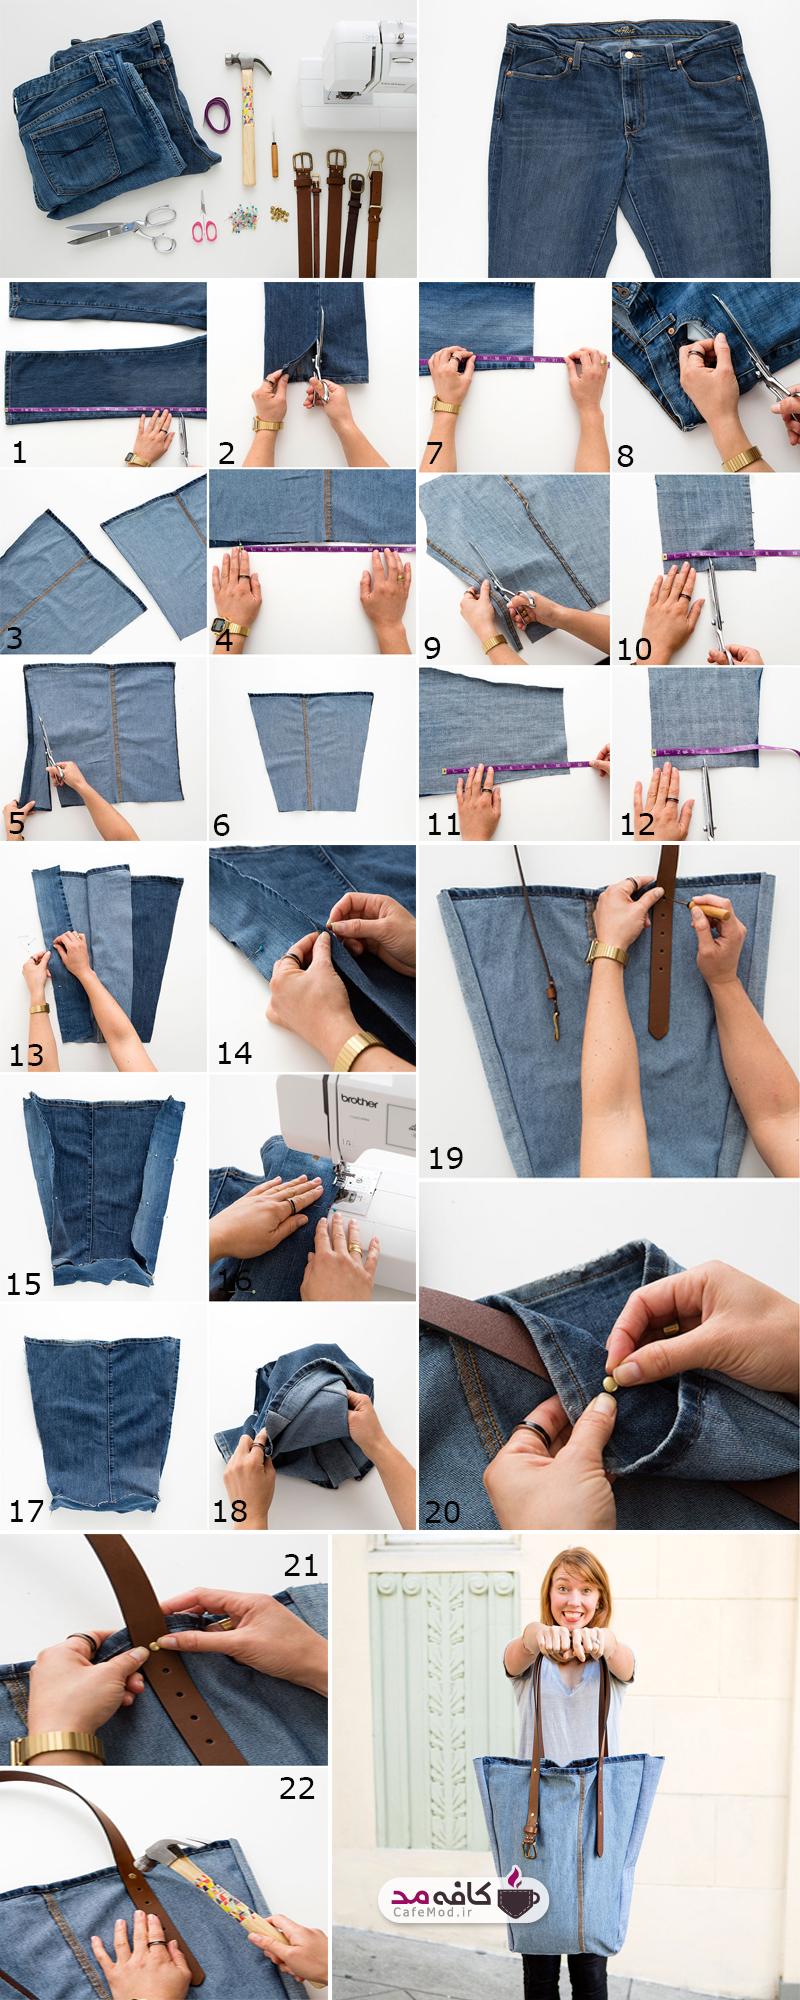 آموزش دوخت کیف با شلوار جین